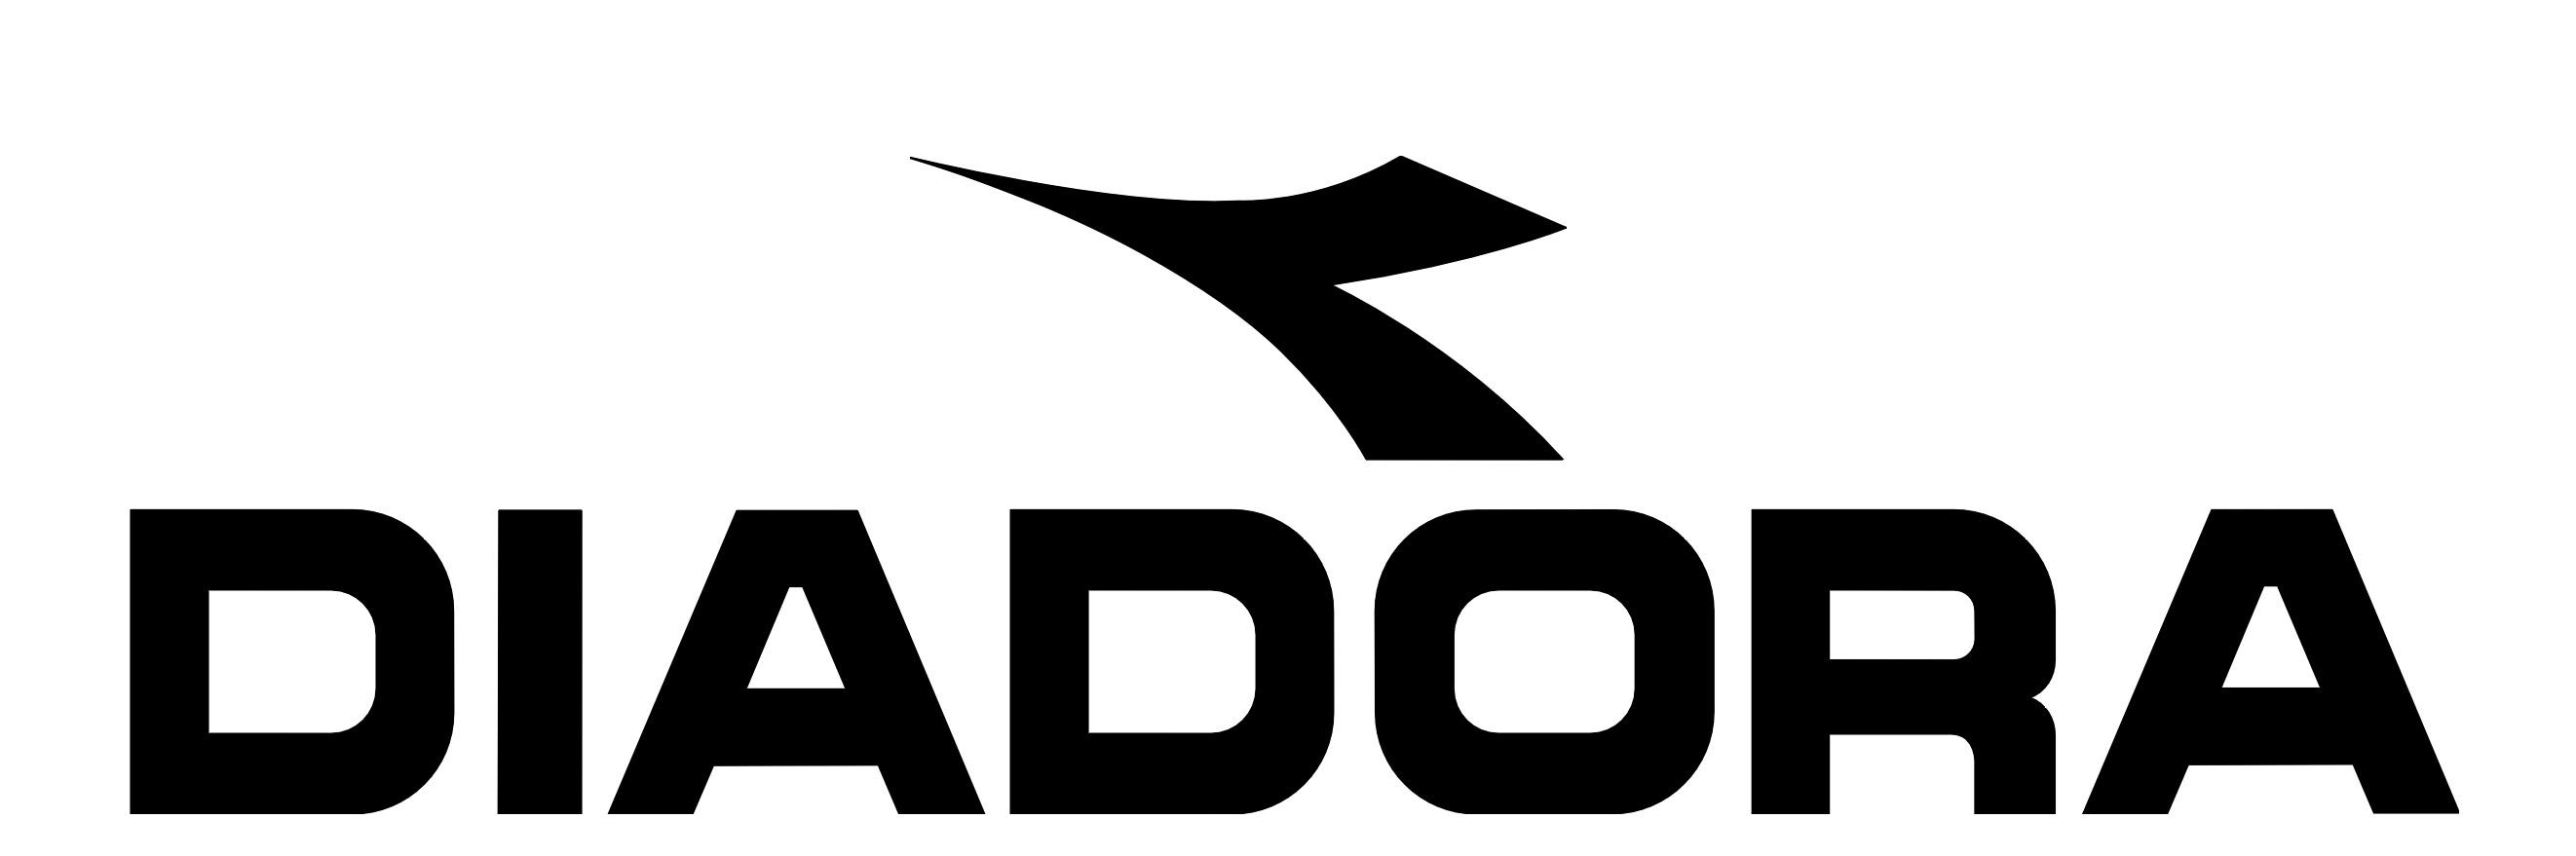 Logo de diadora - Zapatillas de Bicicleta de Carretera